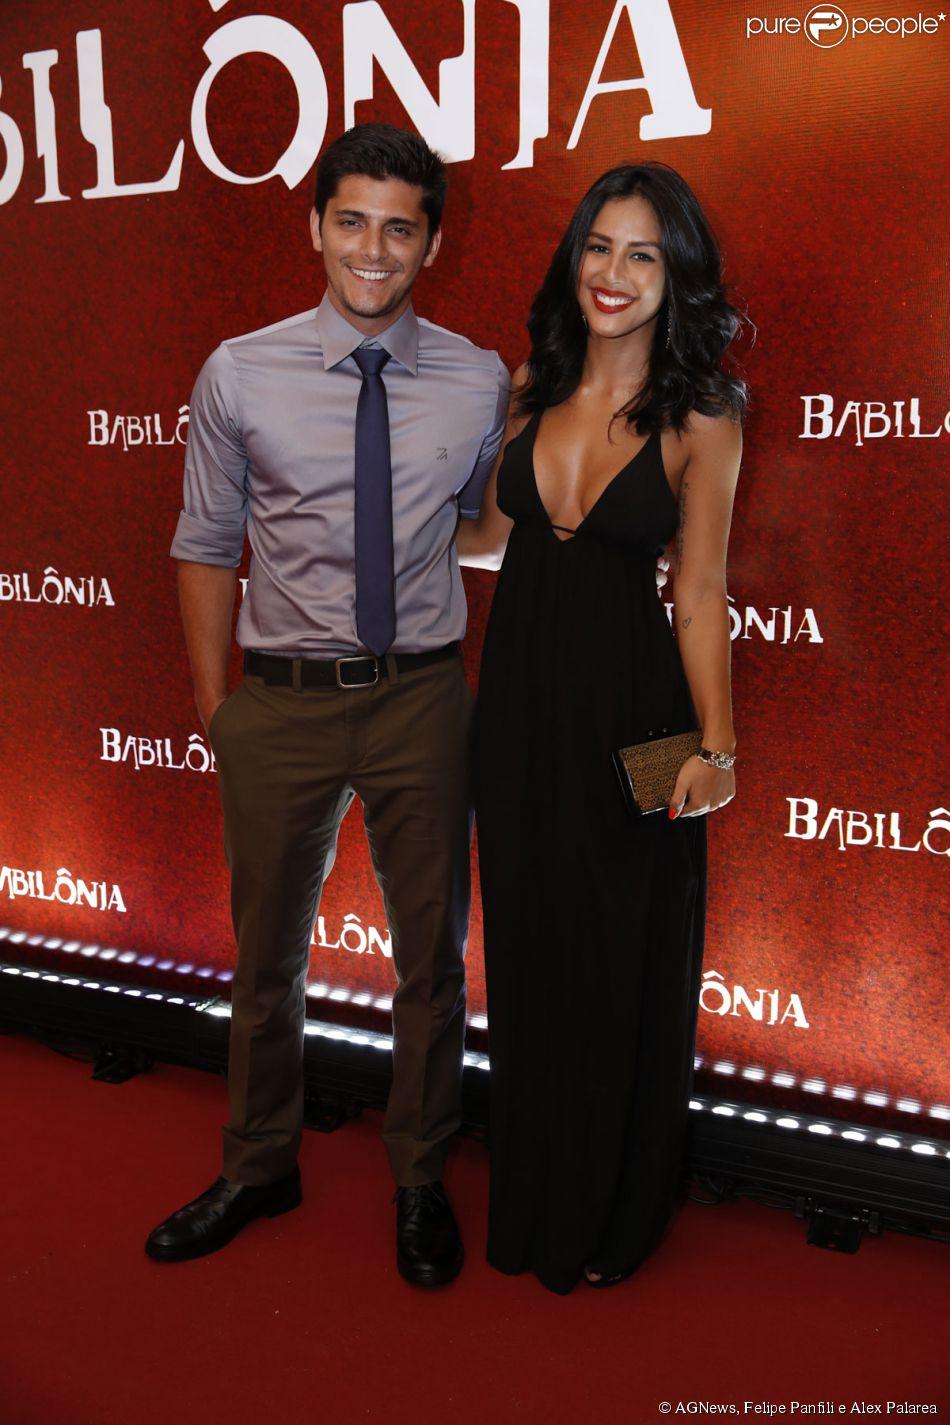 Yanna Lavigne usou look Vallen para acompanhar o namorado, Bruno Gissoni, na festa de lançamento da novela 'Babilônia', no Rio de Janeiro